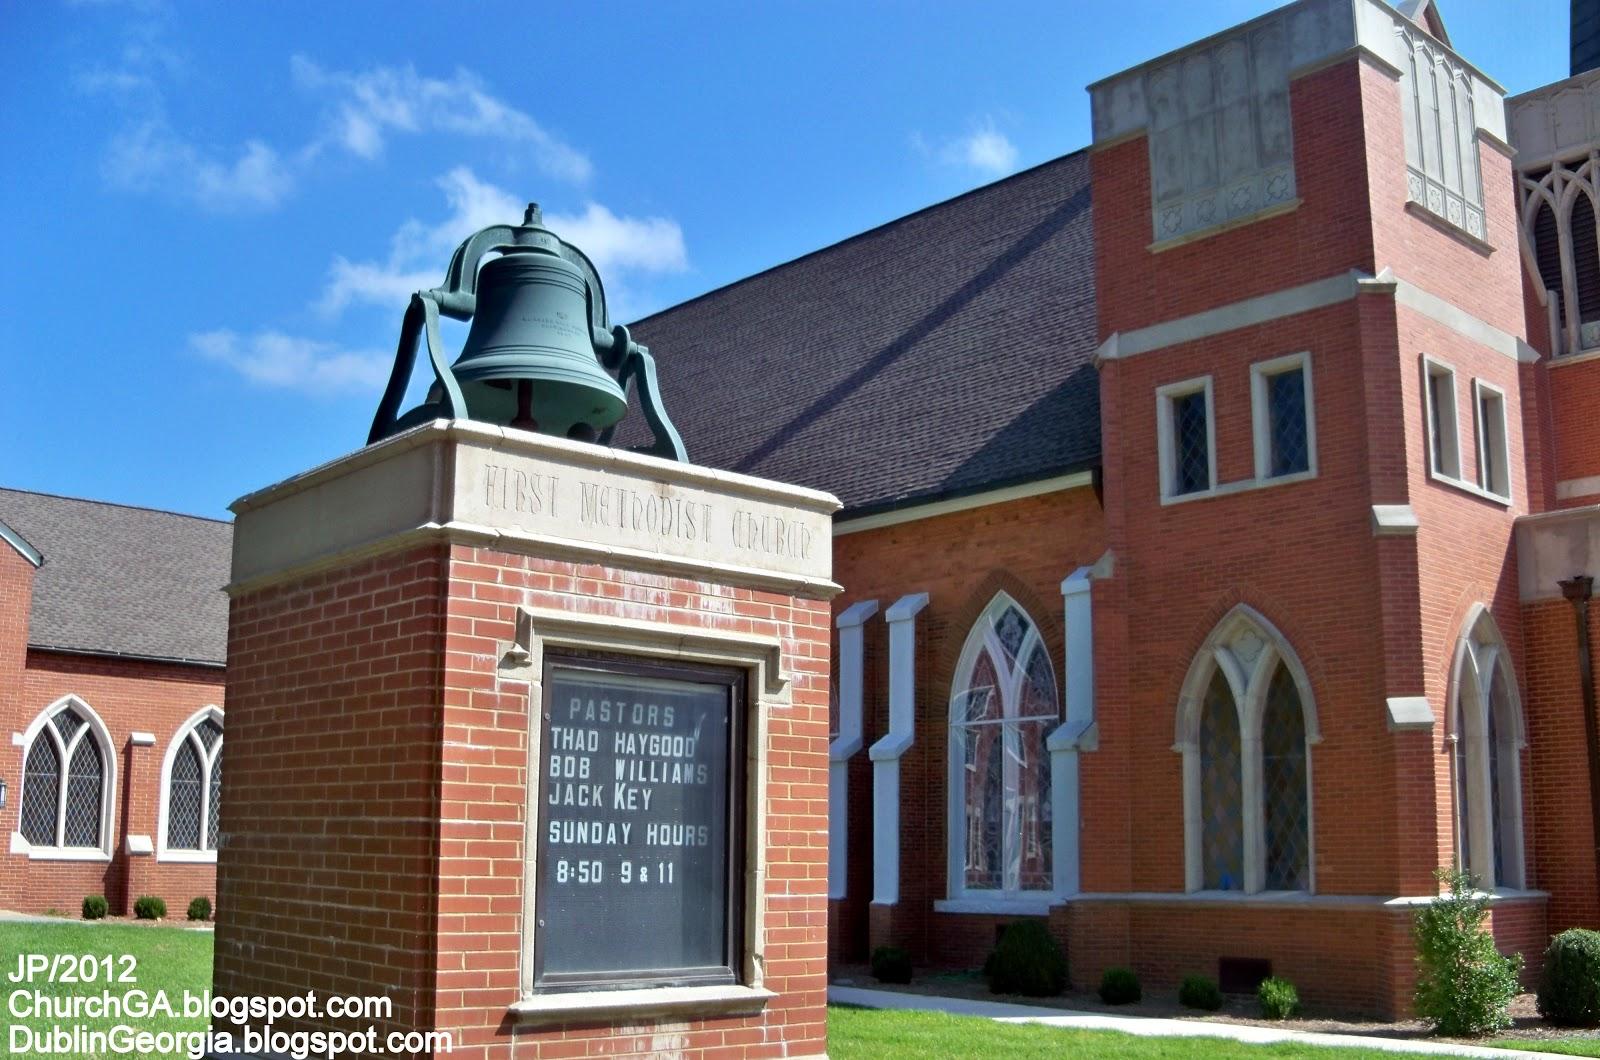 Methodist church first united methodist church dublin georgia laurens